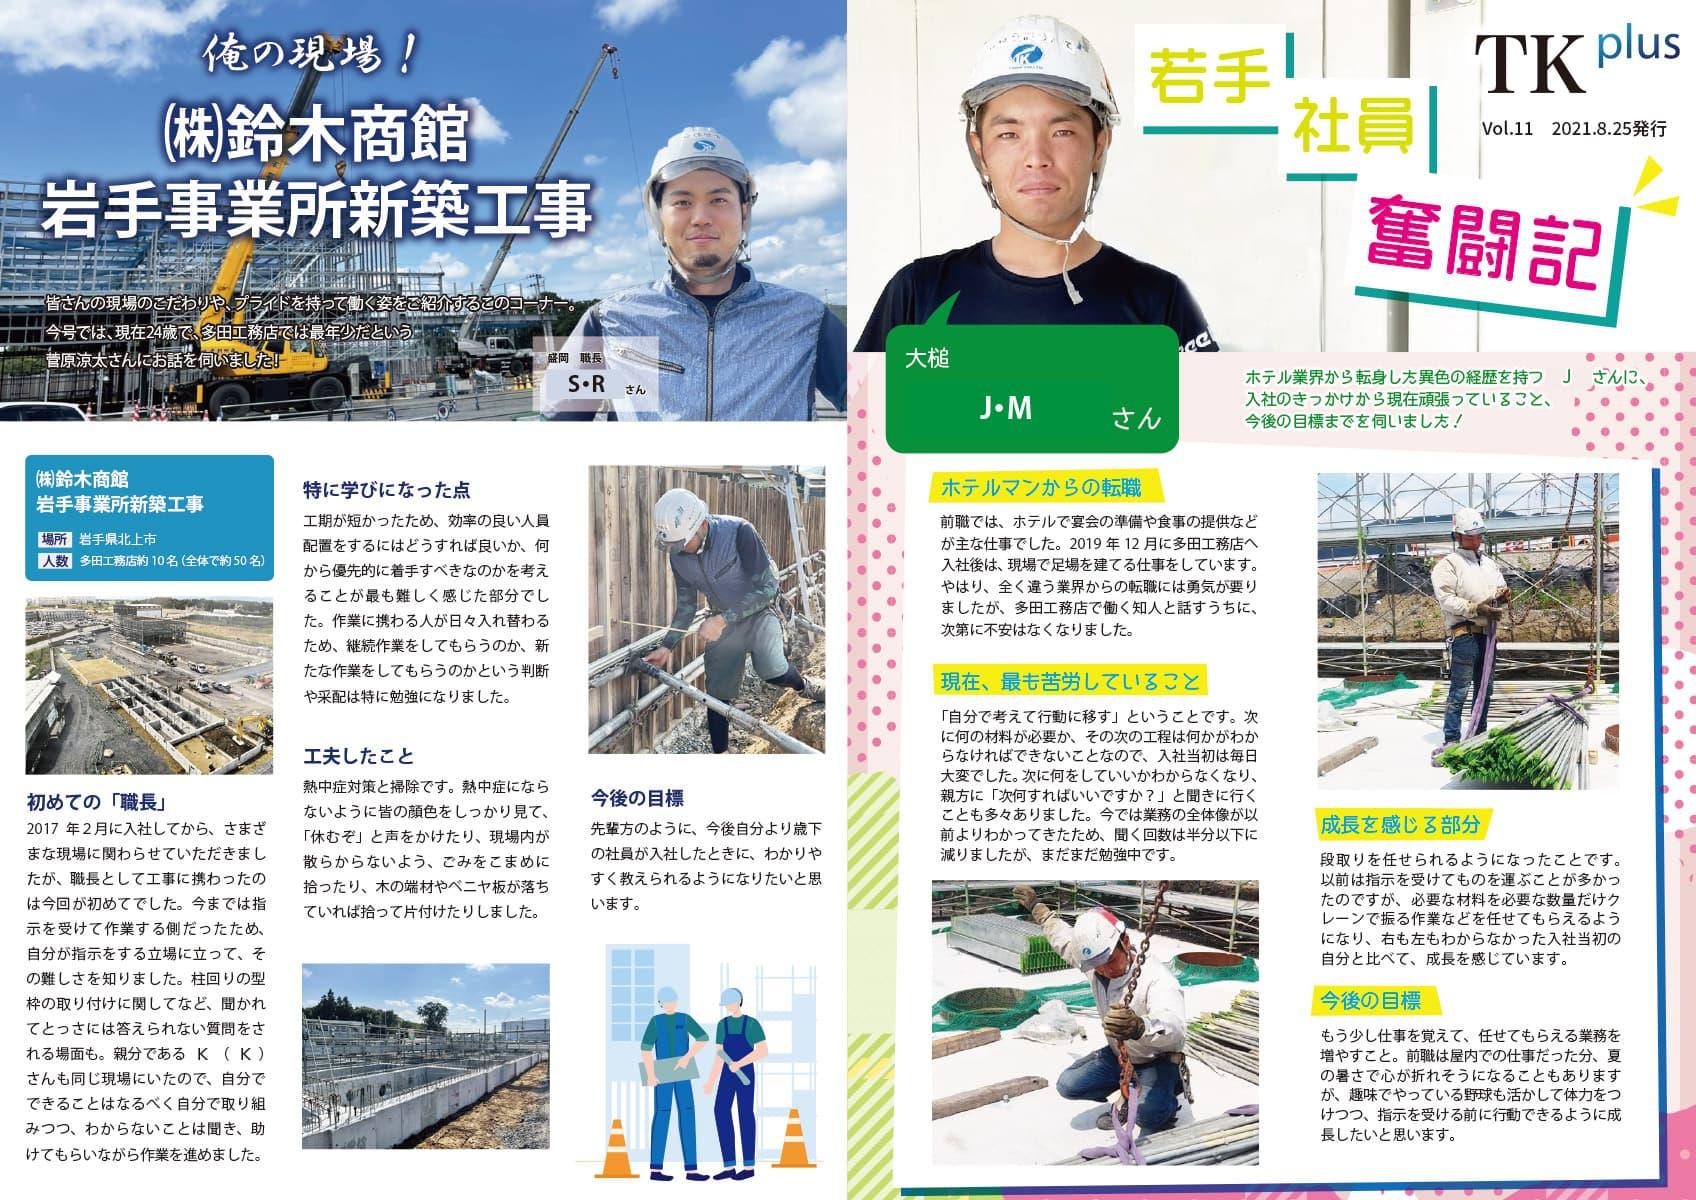 TKplus vol.11 2021年8月25日発行